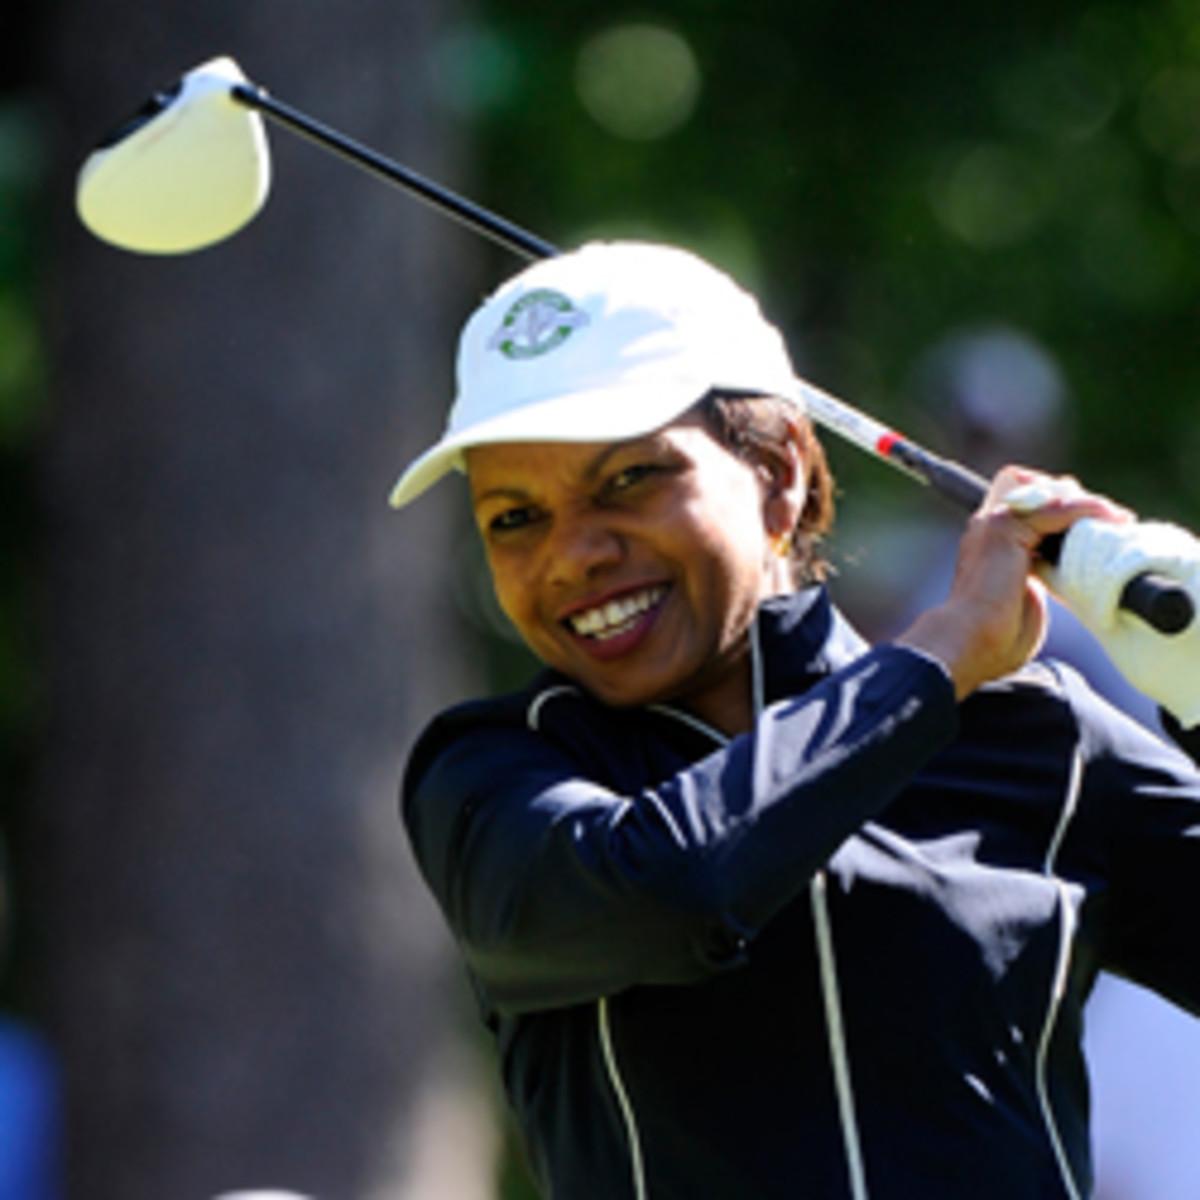 Condoleezza-Rice-golf-Getty-T